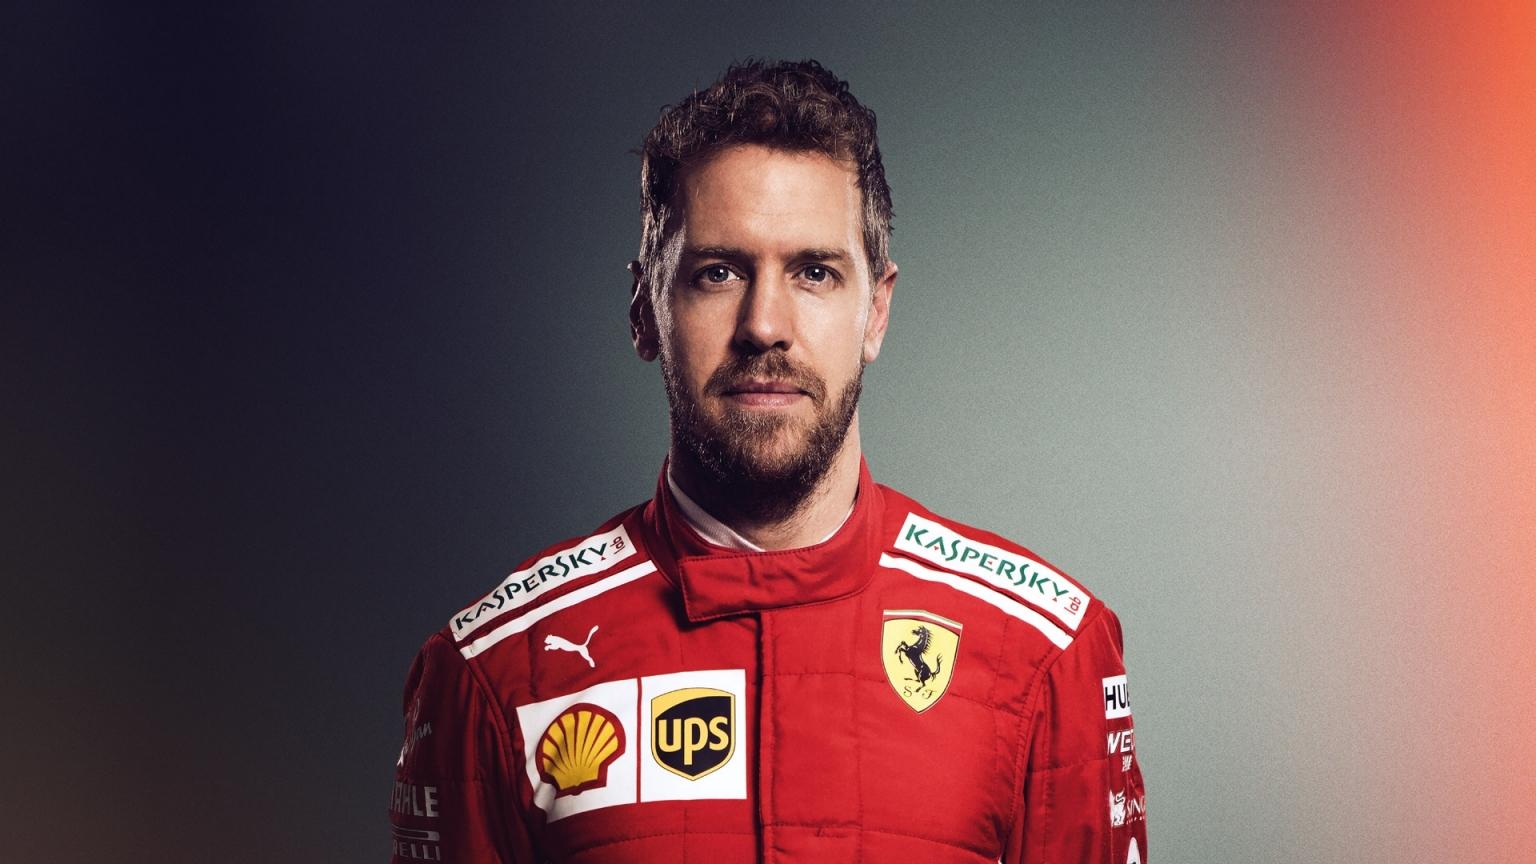 Som sin helt prøvde Sebastian Vettel seg hos Scuderia Ferrari, men så langt har det ikke resultert i noe femte mesterskap.